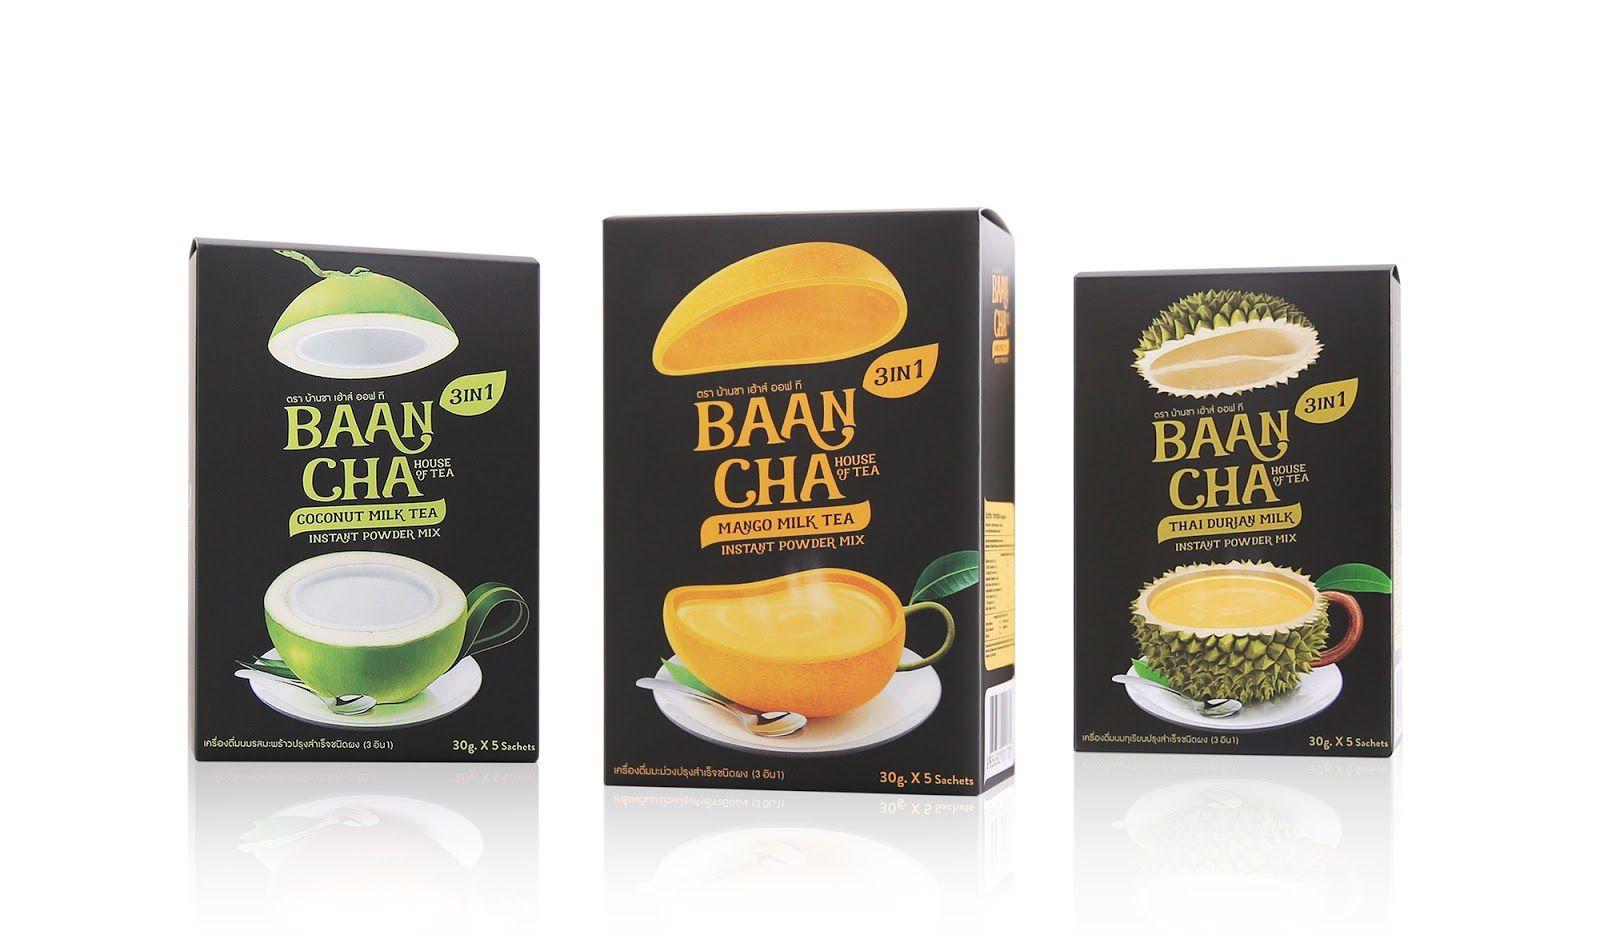 BaanCha - BCT Baancha (thé) I Design : adHOCK Studio, Bangkok, Thaïlande (octobre 2016)